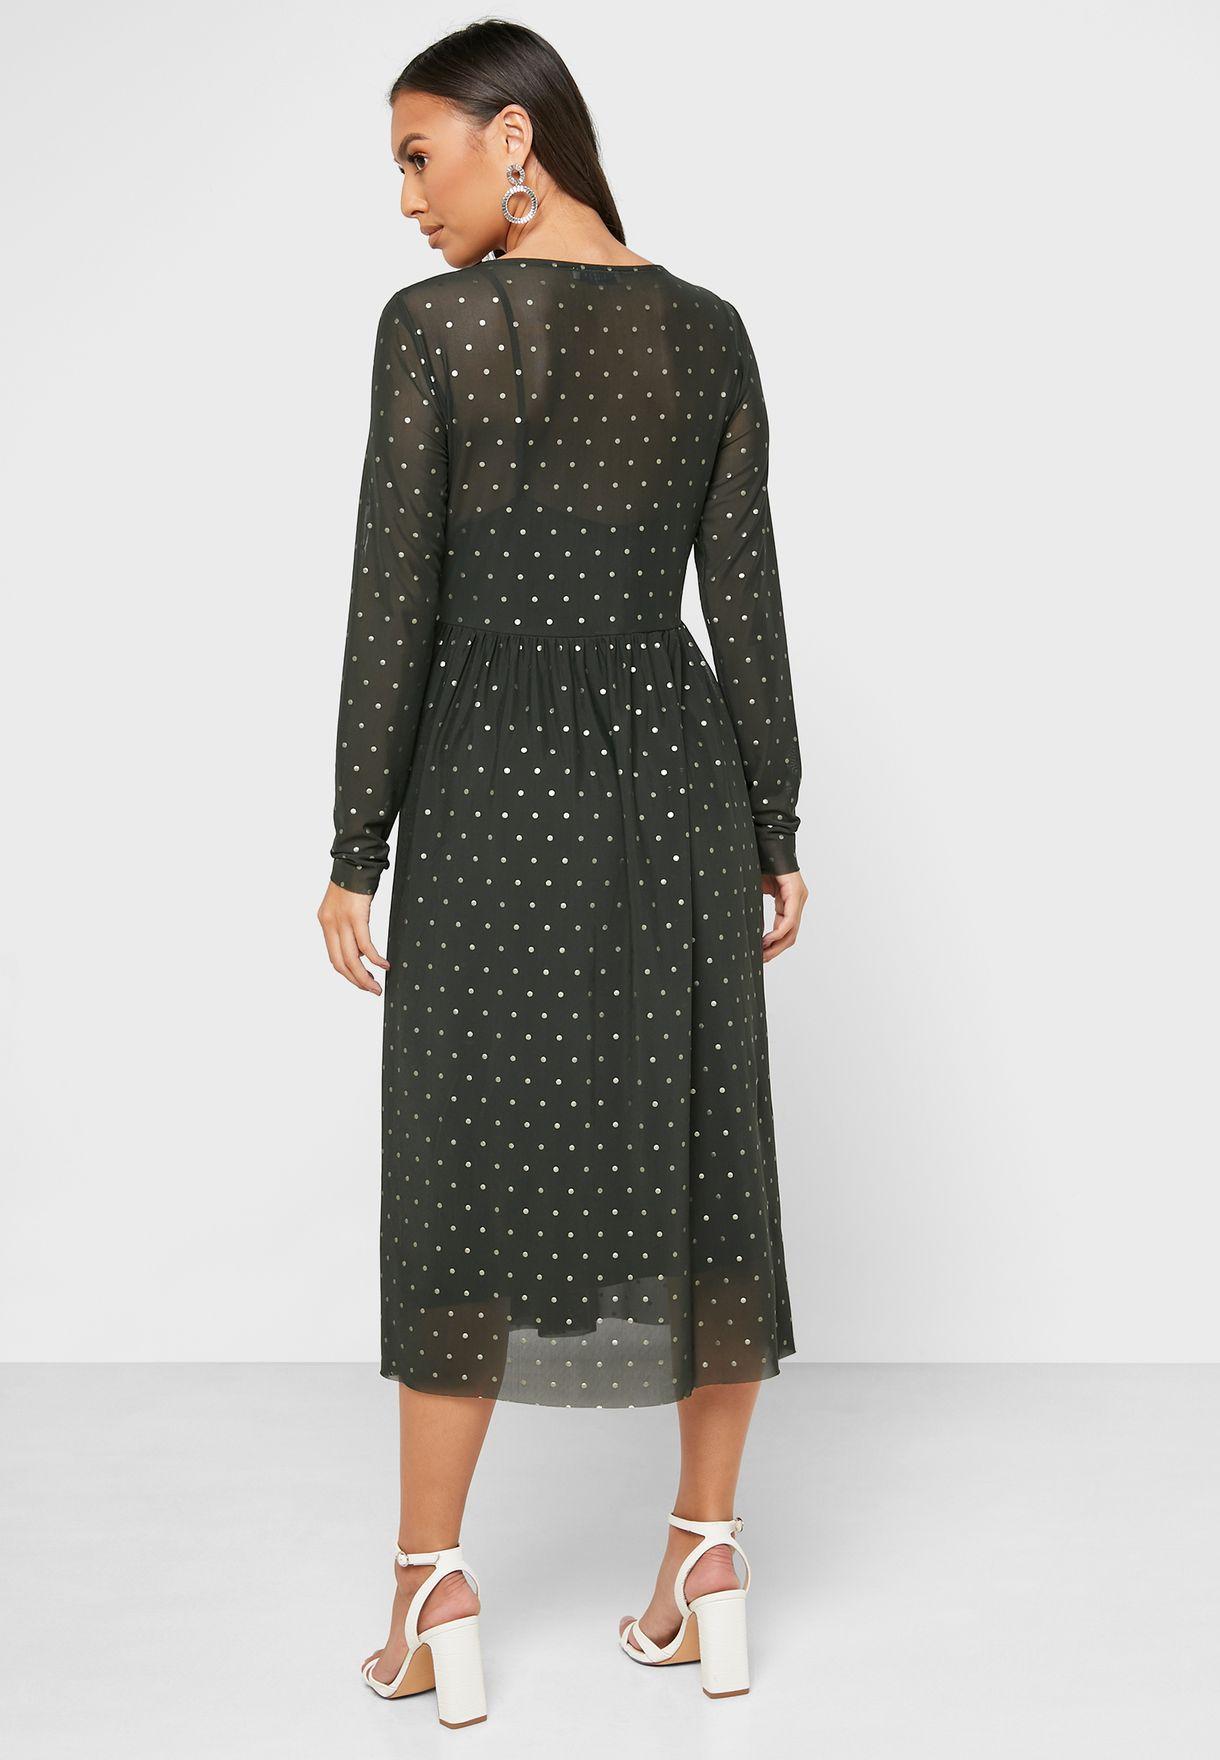 فستان باجزاء شفافة